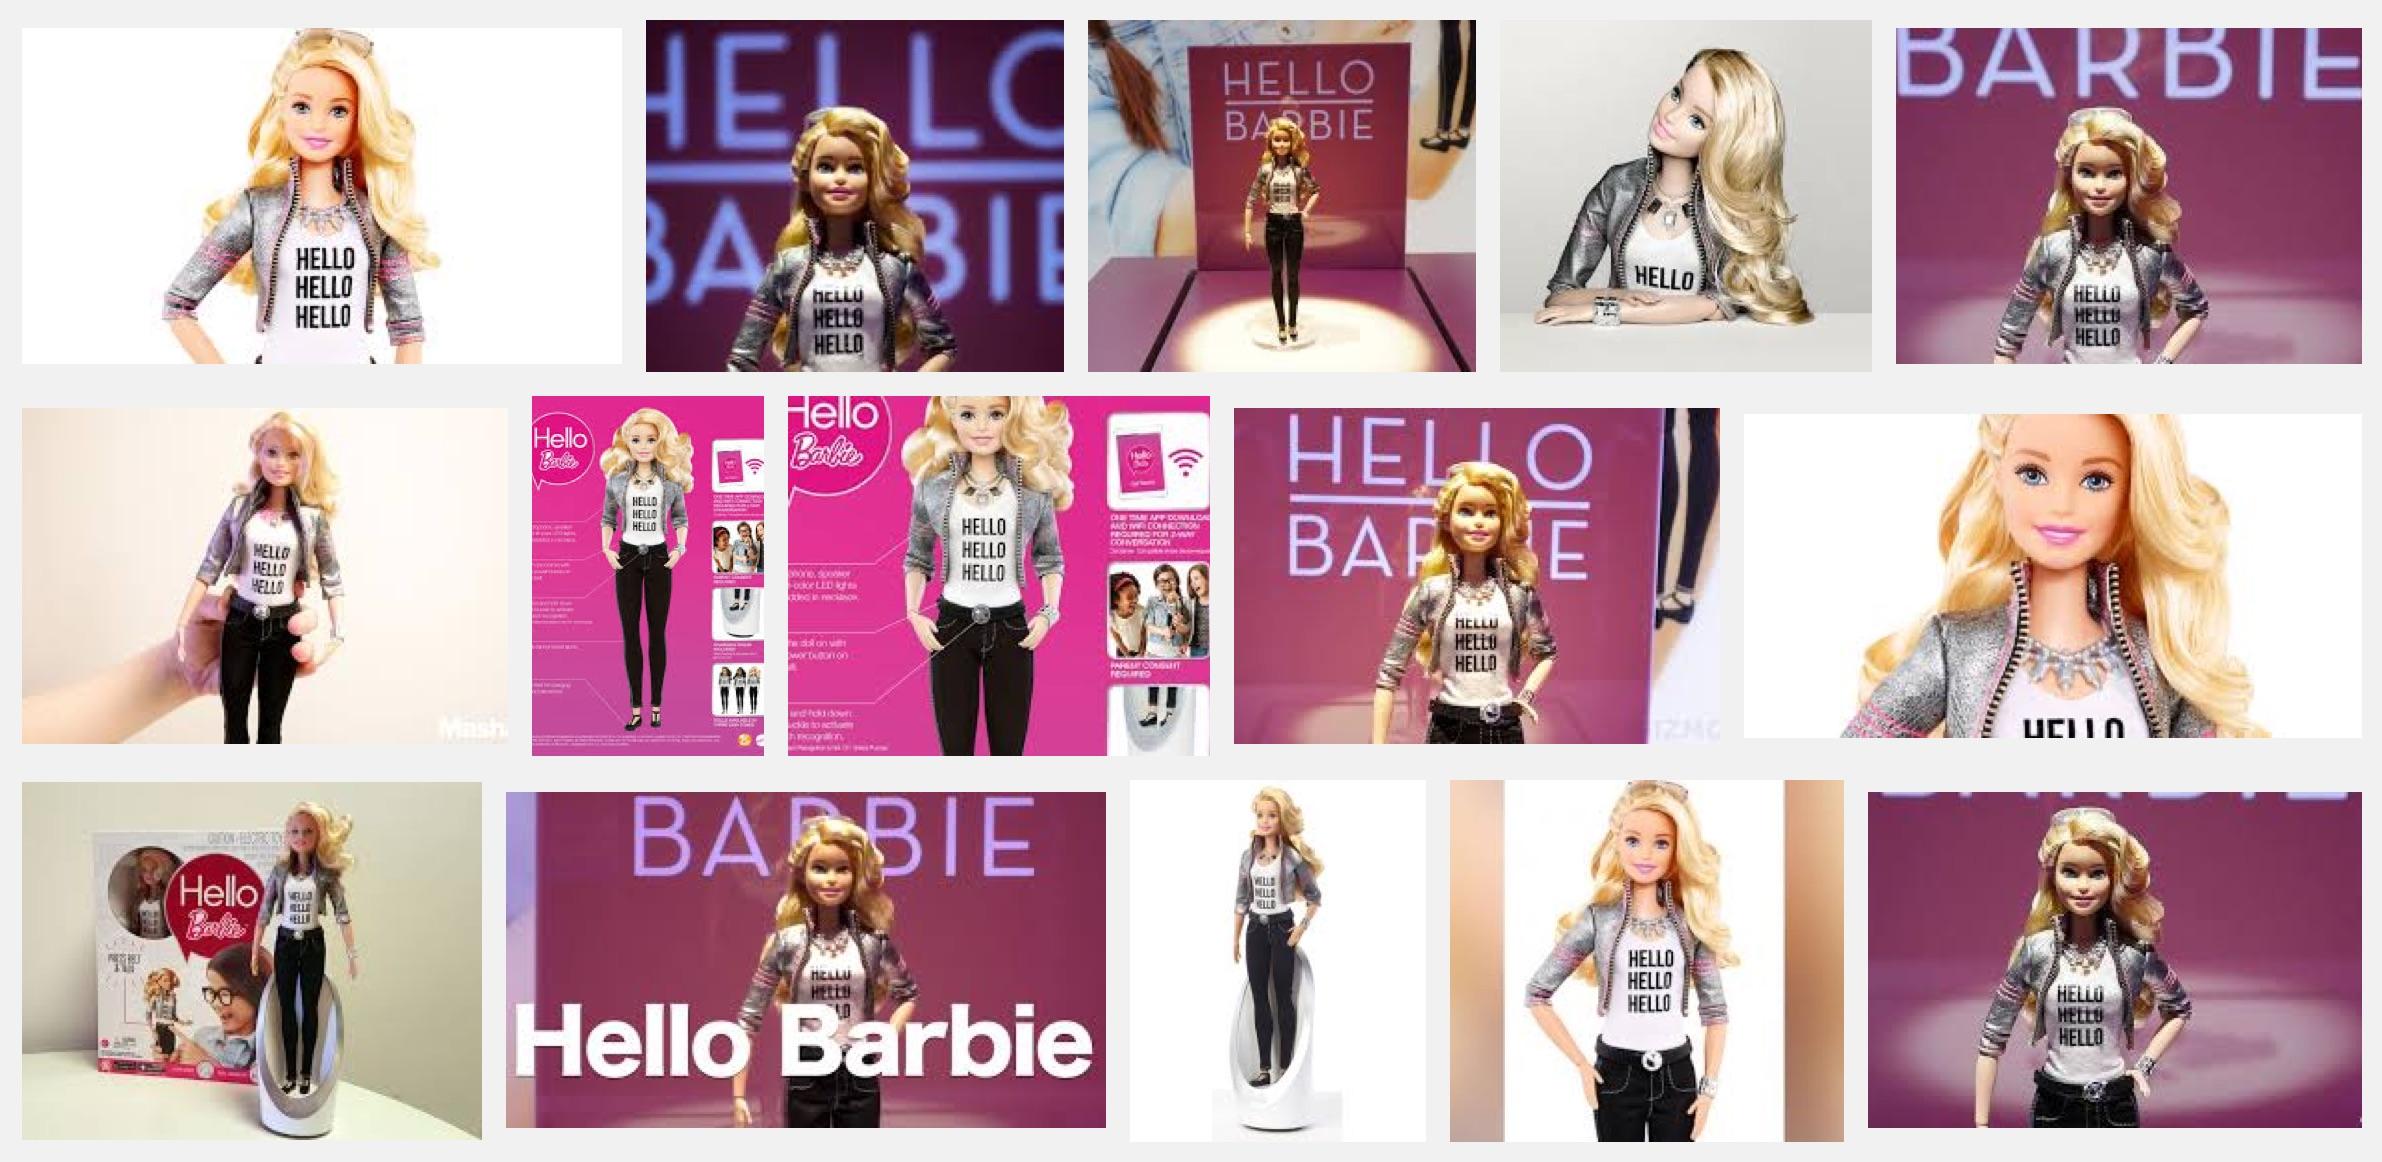 Google-search-hello-barbie